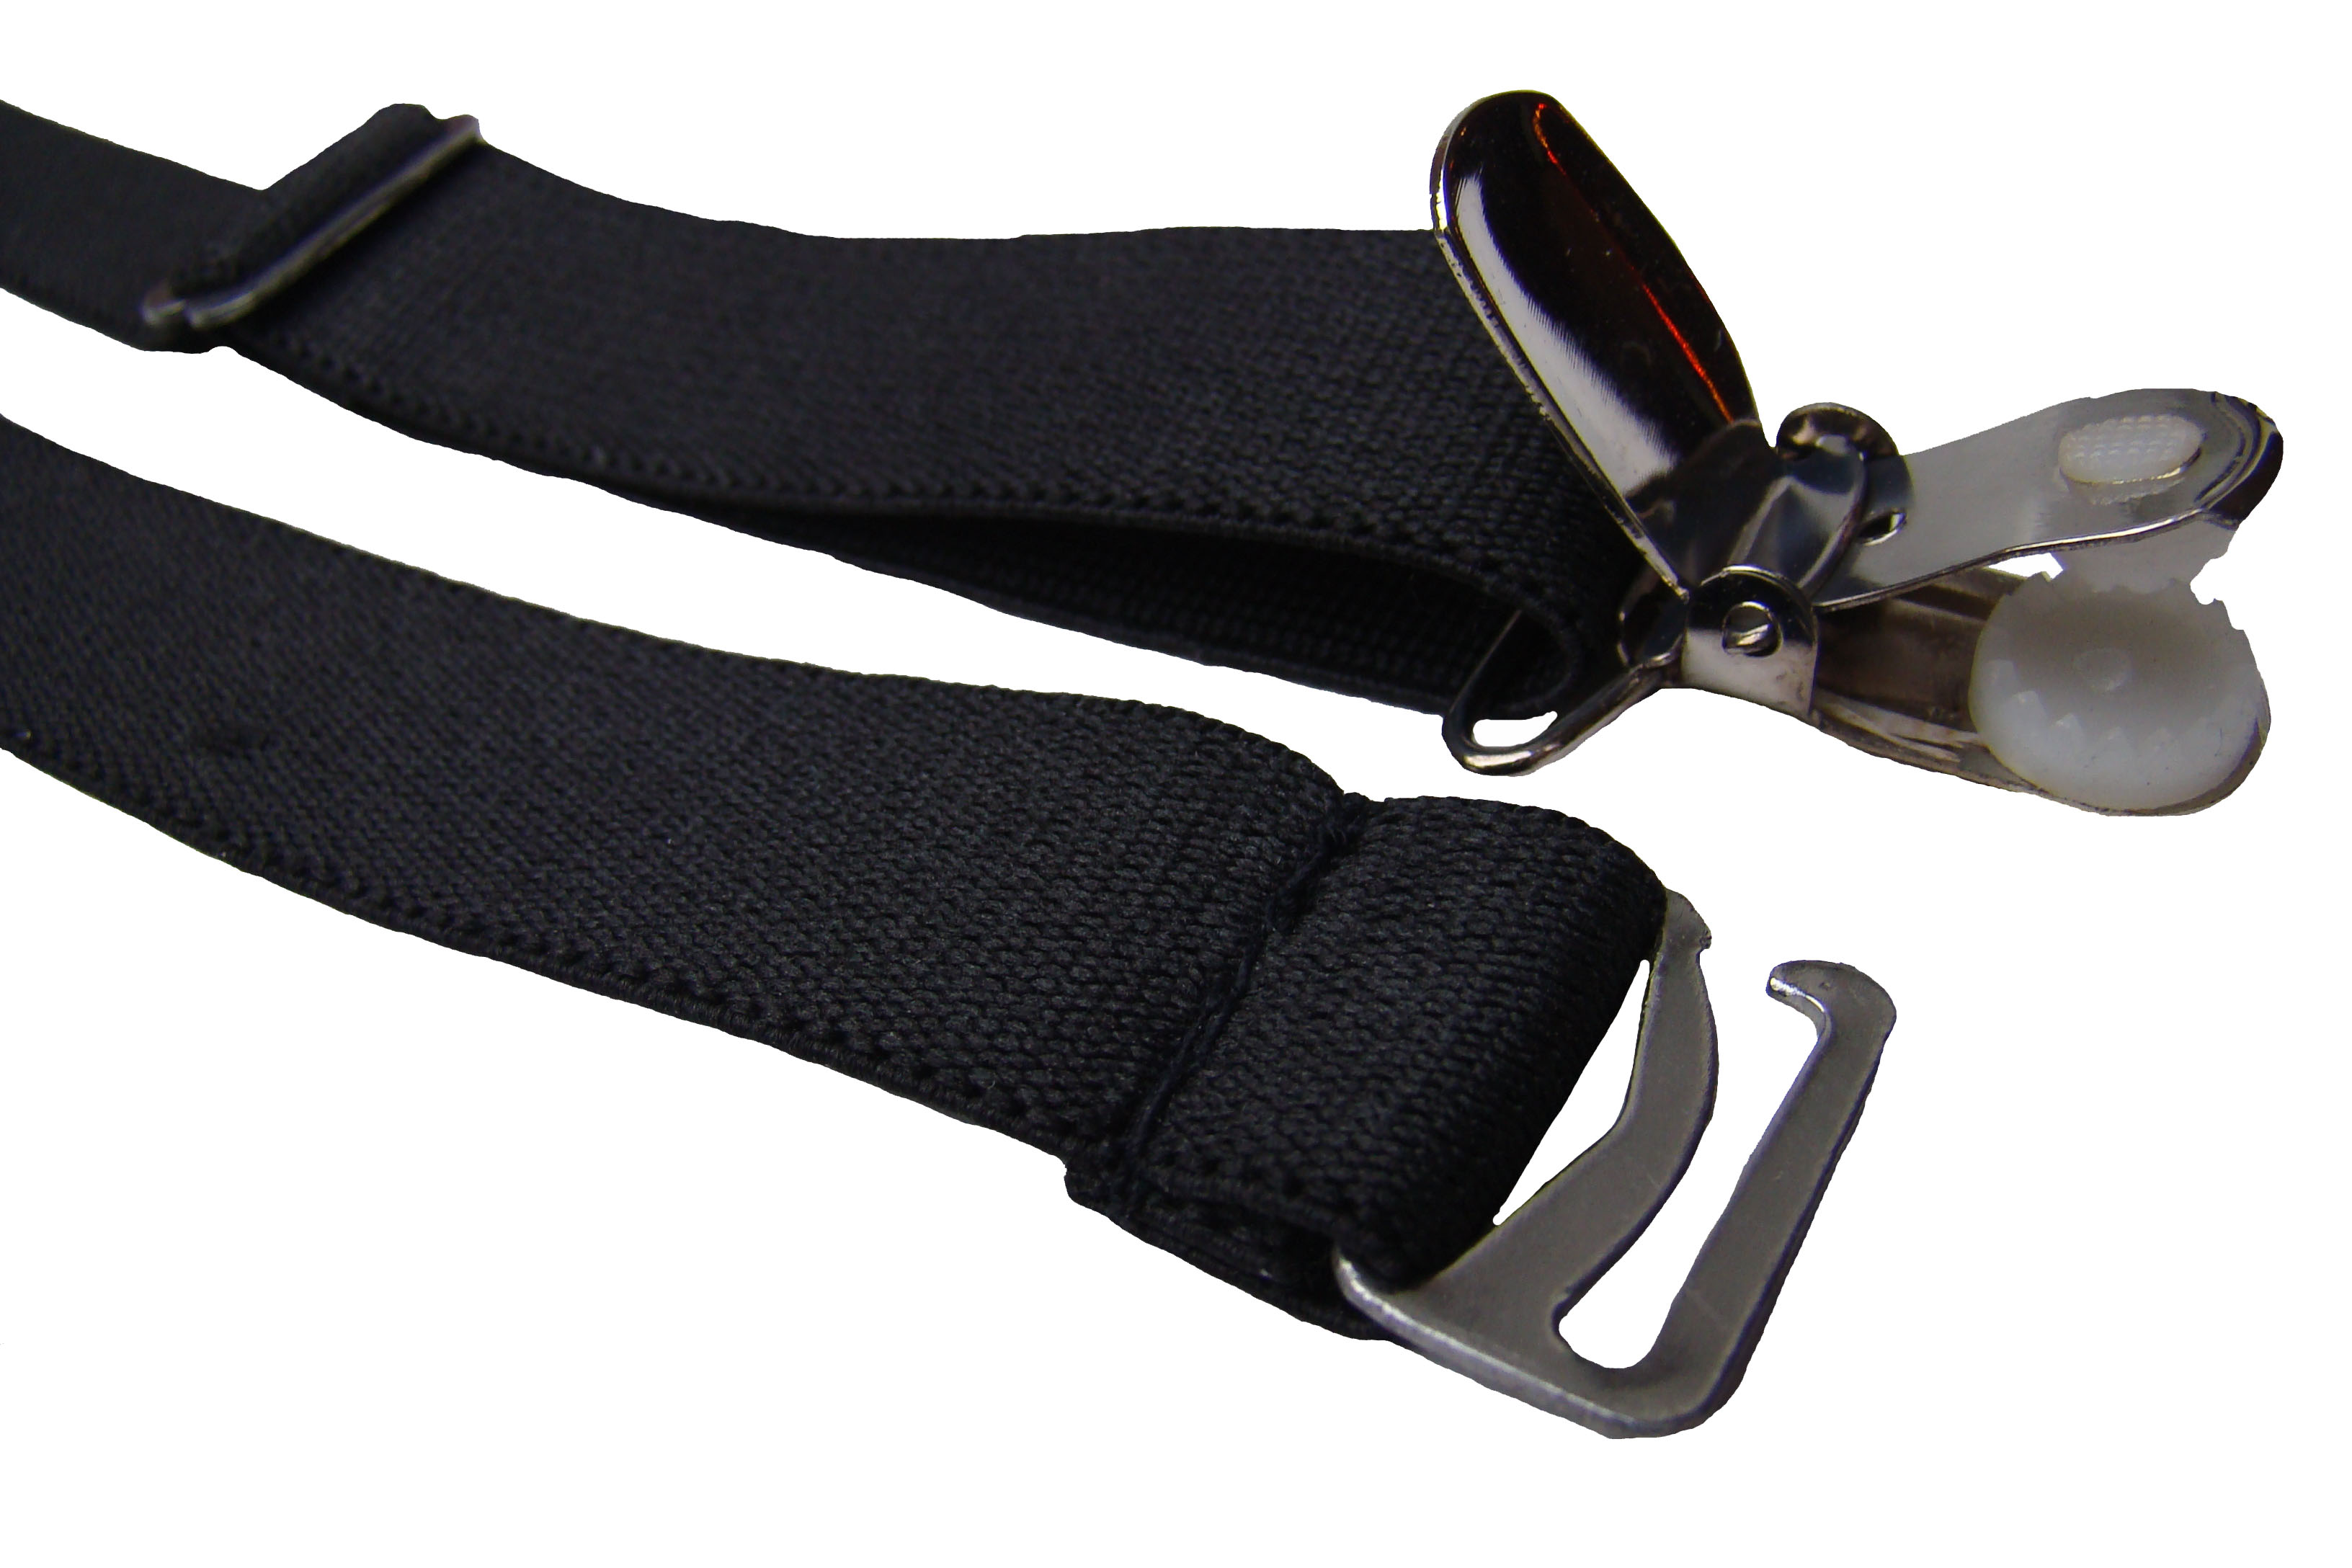 Modell: Strapshalter zum einhängen mit Metall Hosenträger Clip